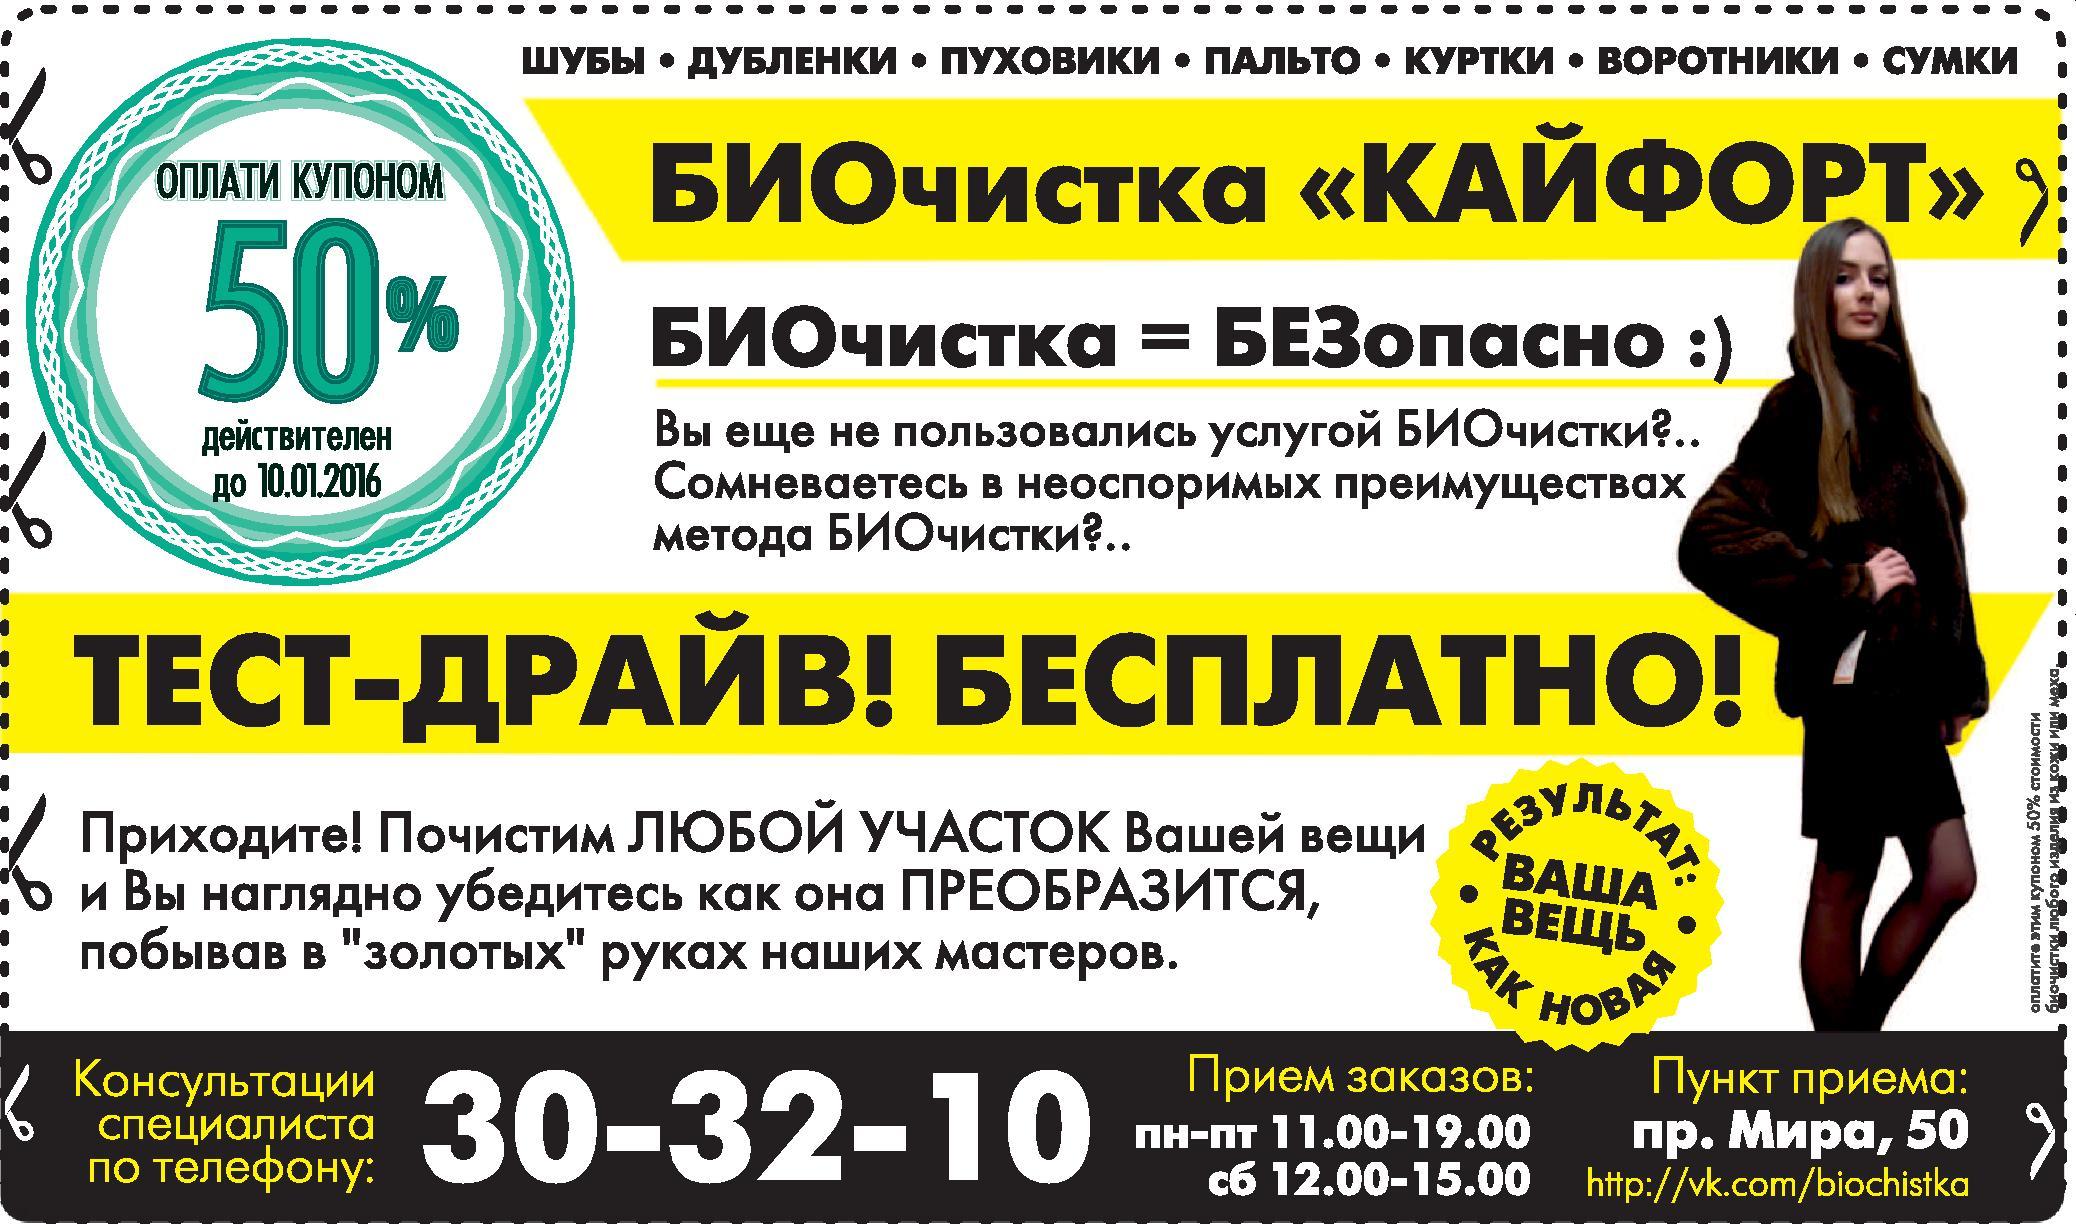 Где купить спираль нова т в москве